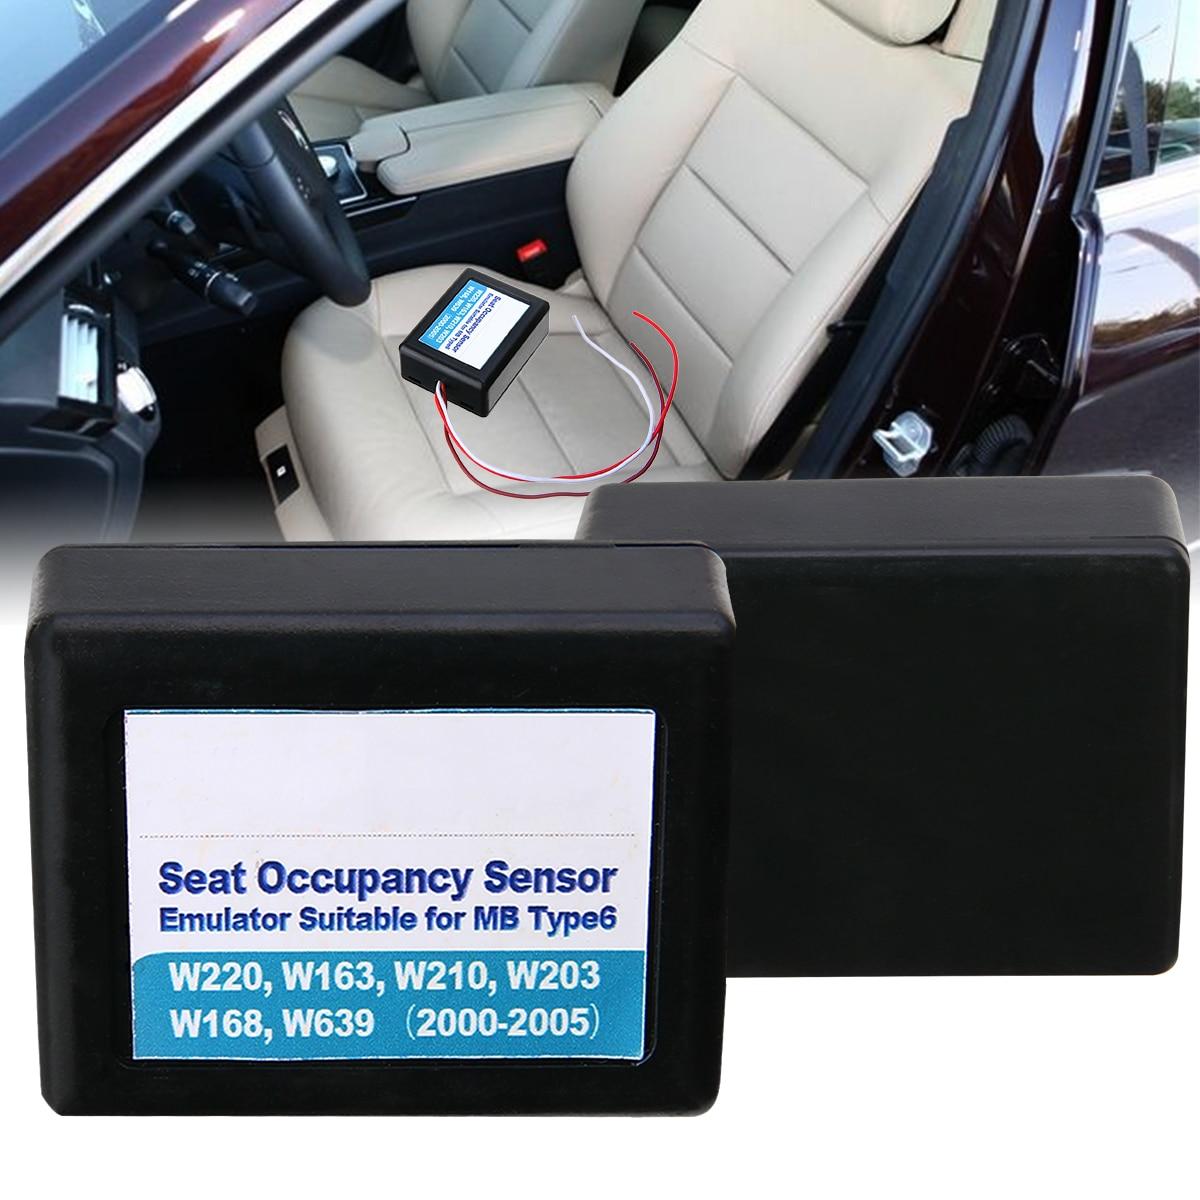 1 шт. сиденье заполнение датчик занятости Эмулятор SRS для Mercedes Benz Type6 W220 W163 W210-in Инструменты сканирования подушек безопасности и симуляторы from Автомобили и мотоциклы